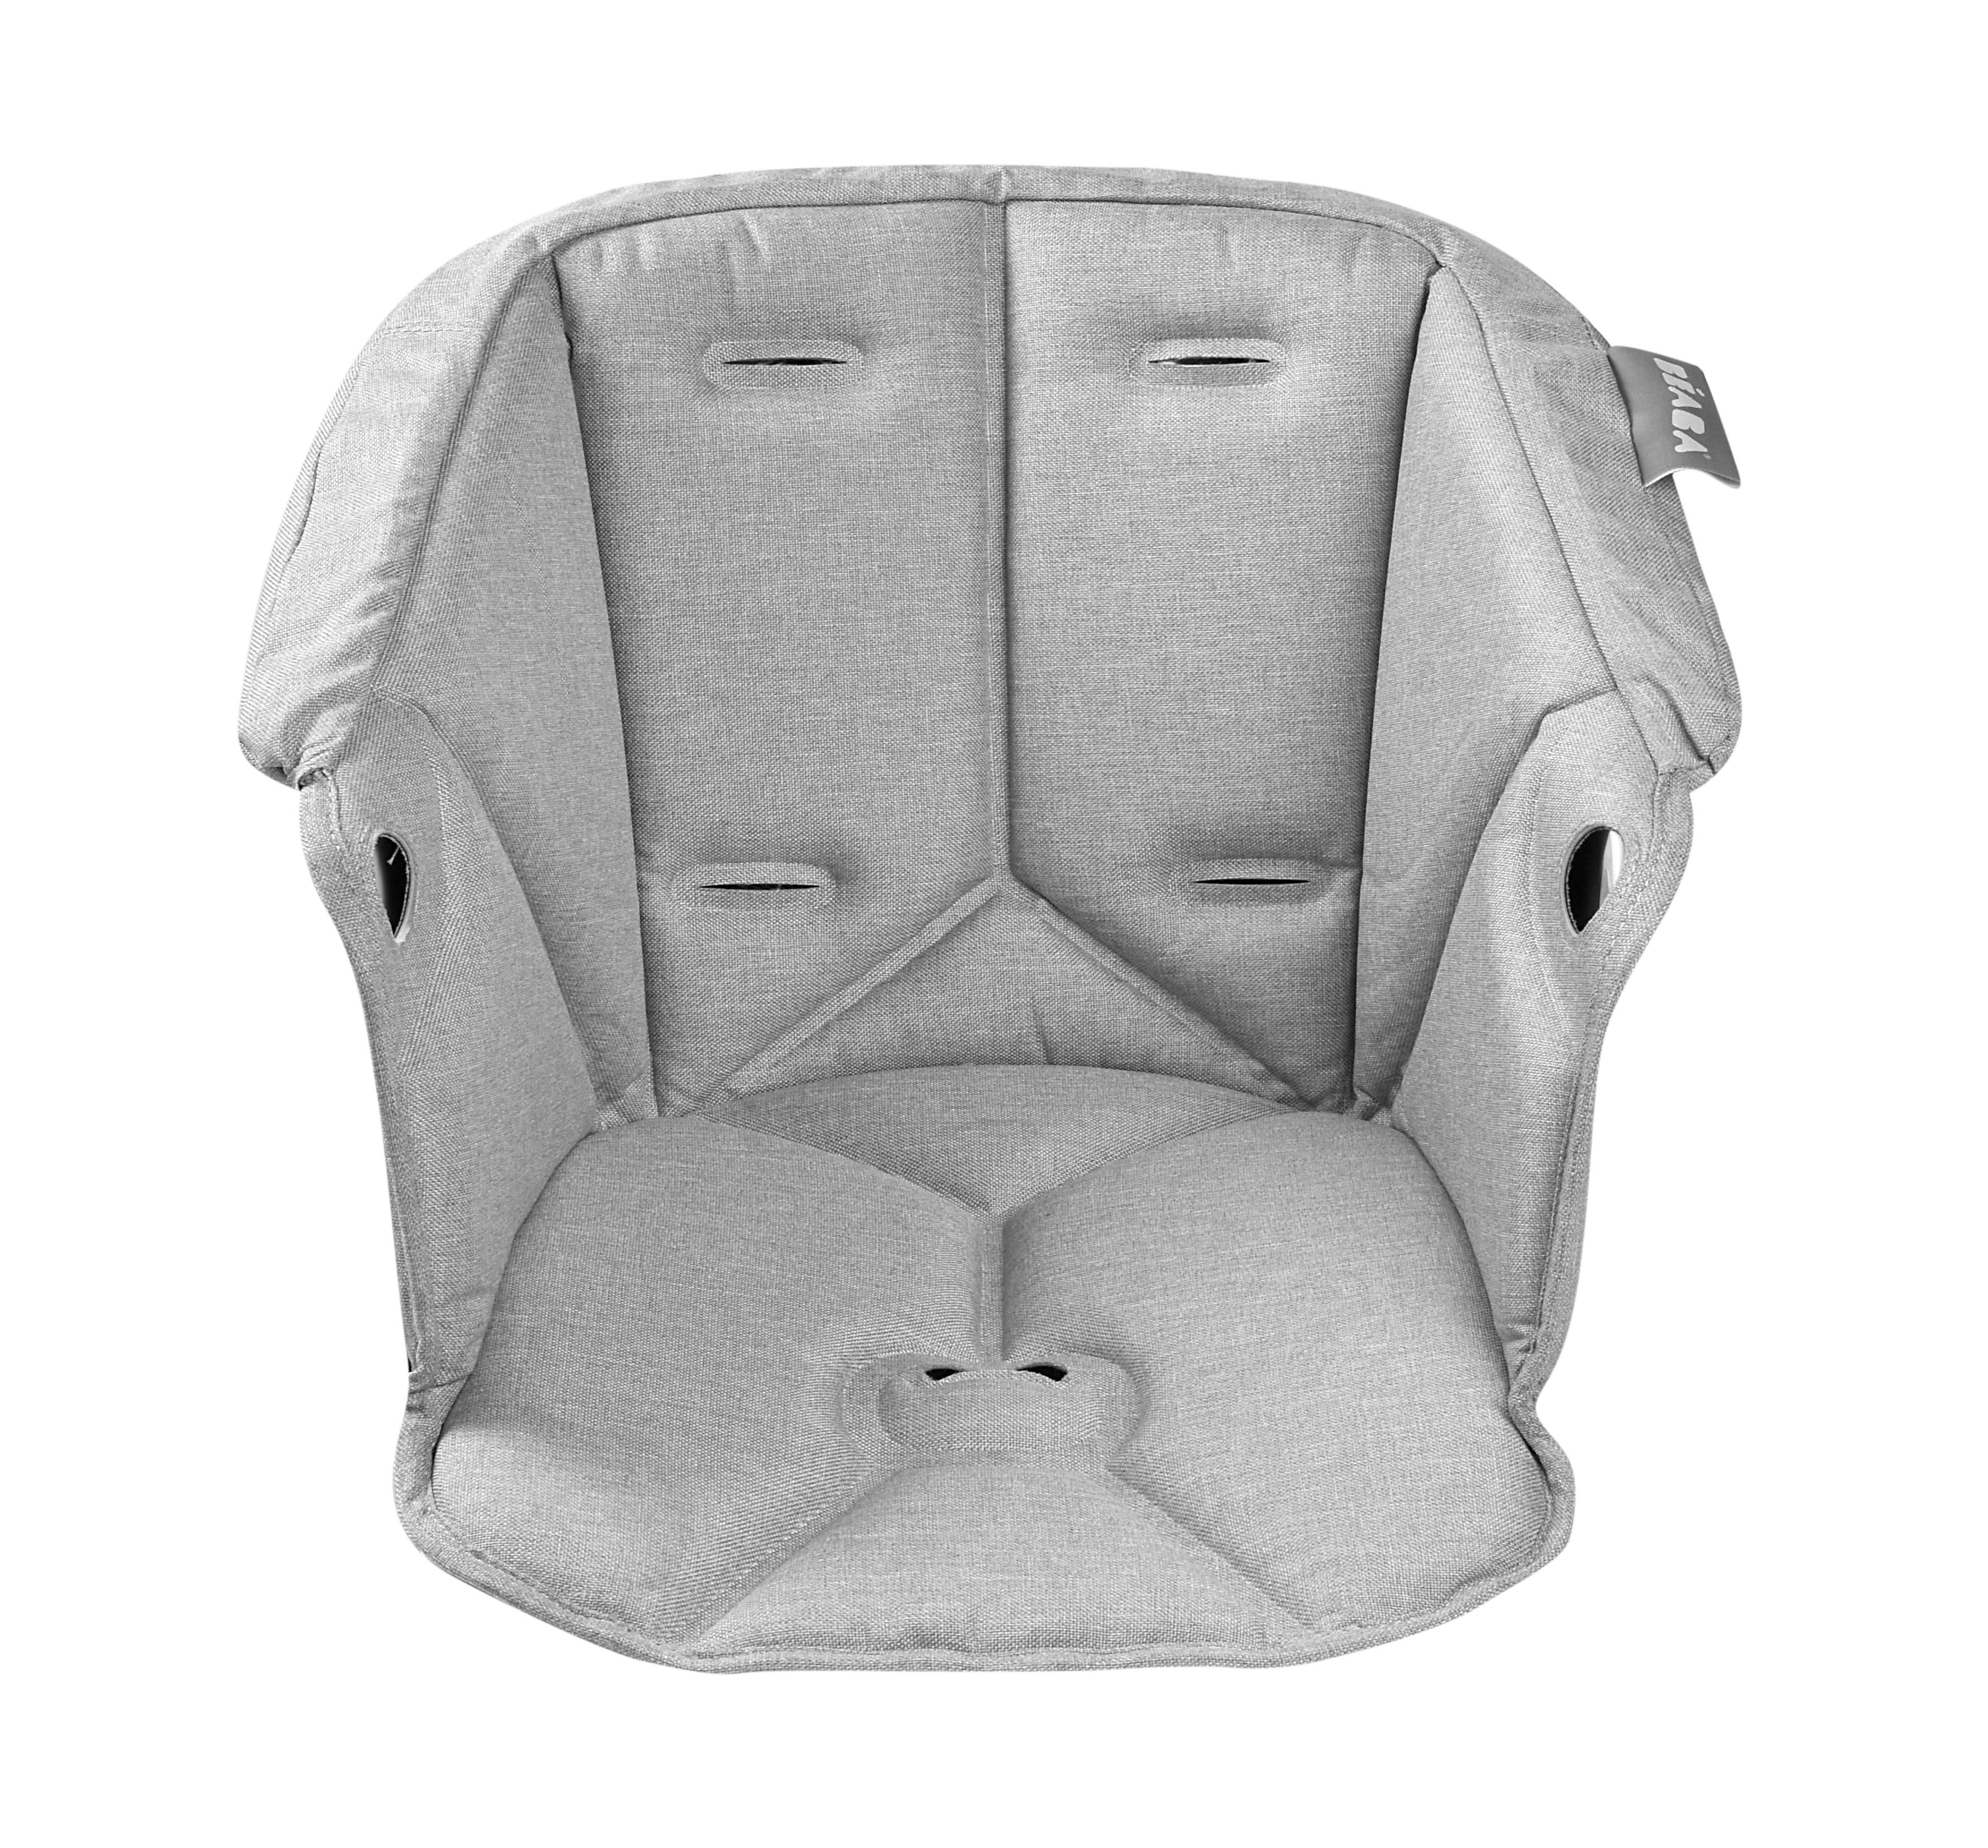 Assise pour chaise haute ajustable grise